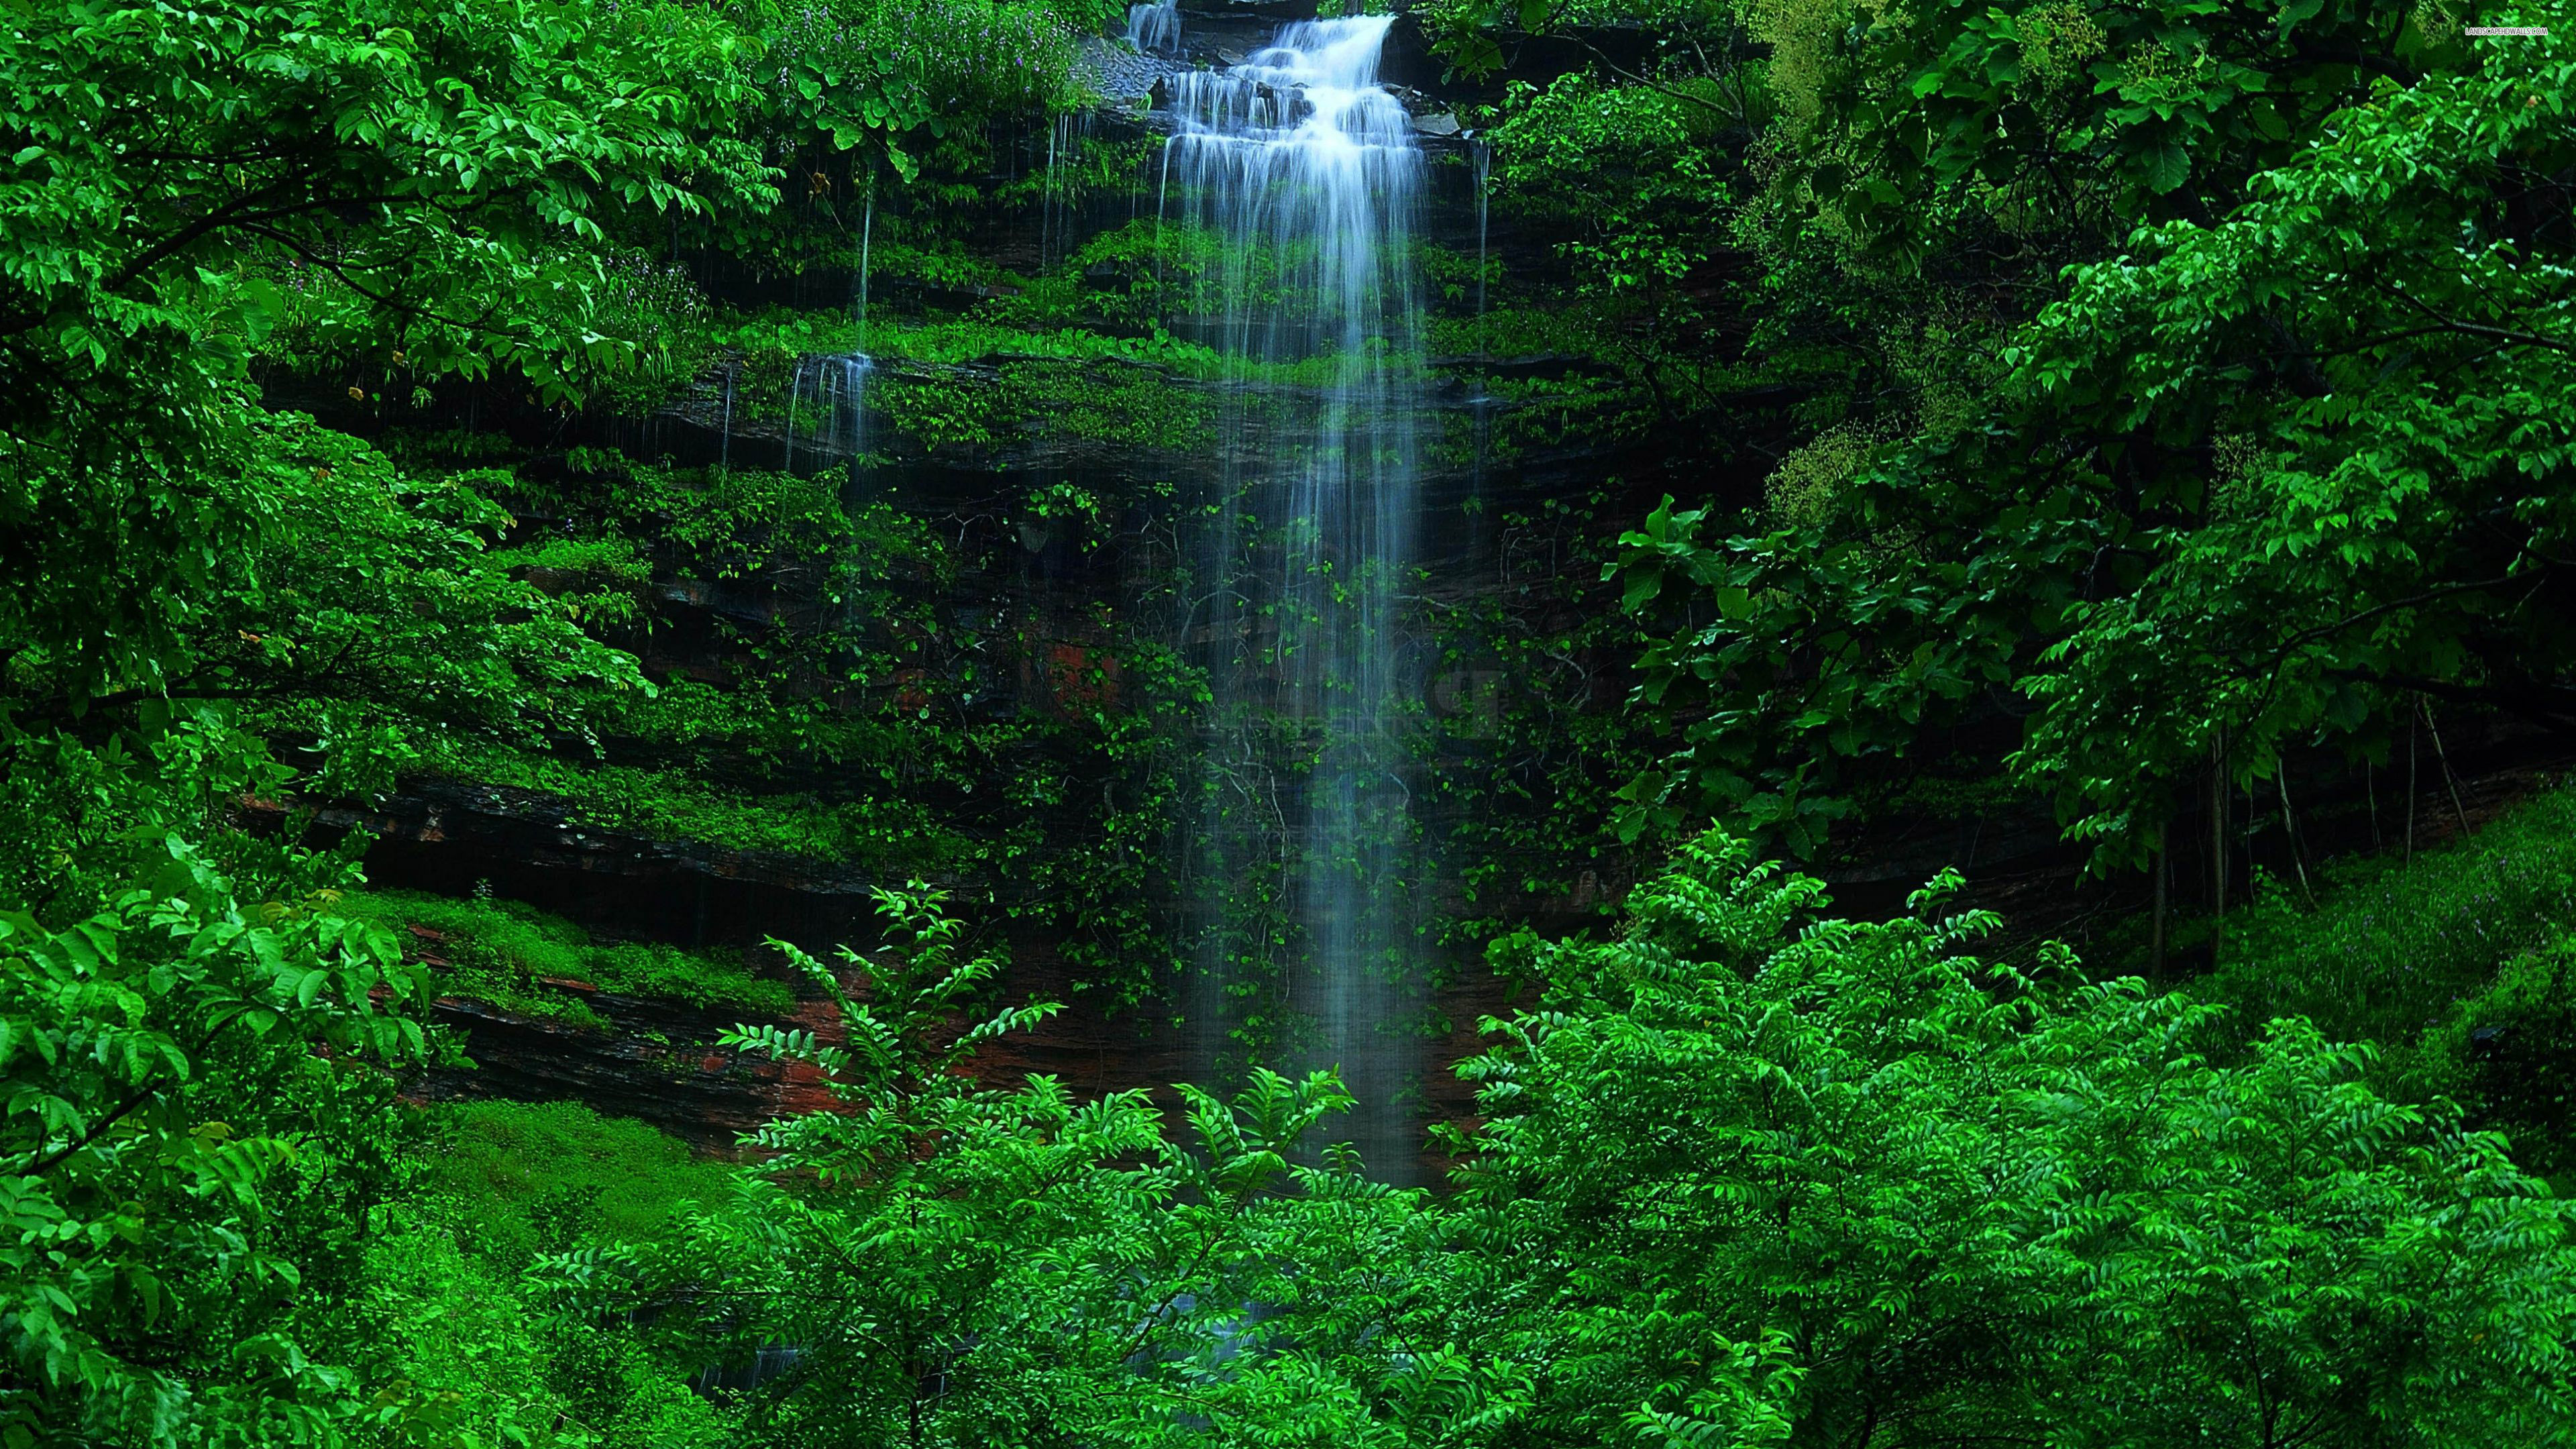 Wallpaper Green Forest 3840x2160